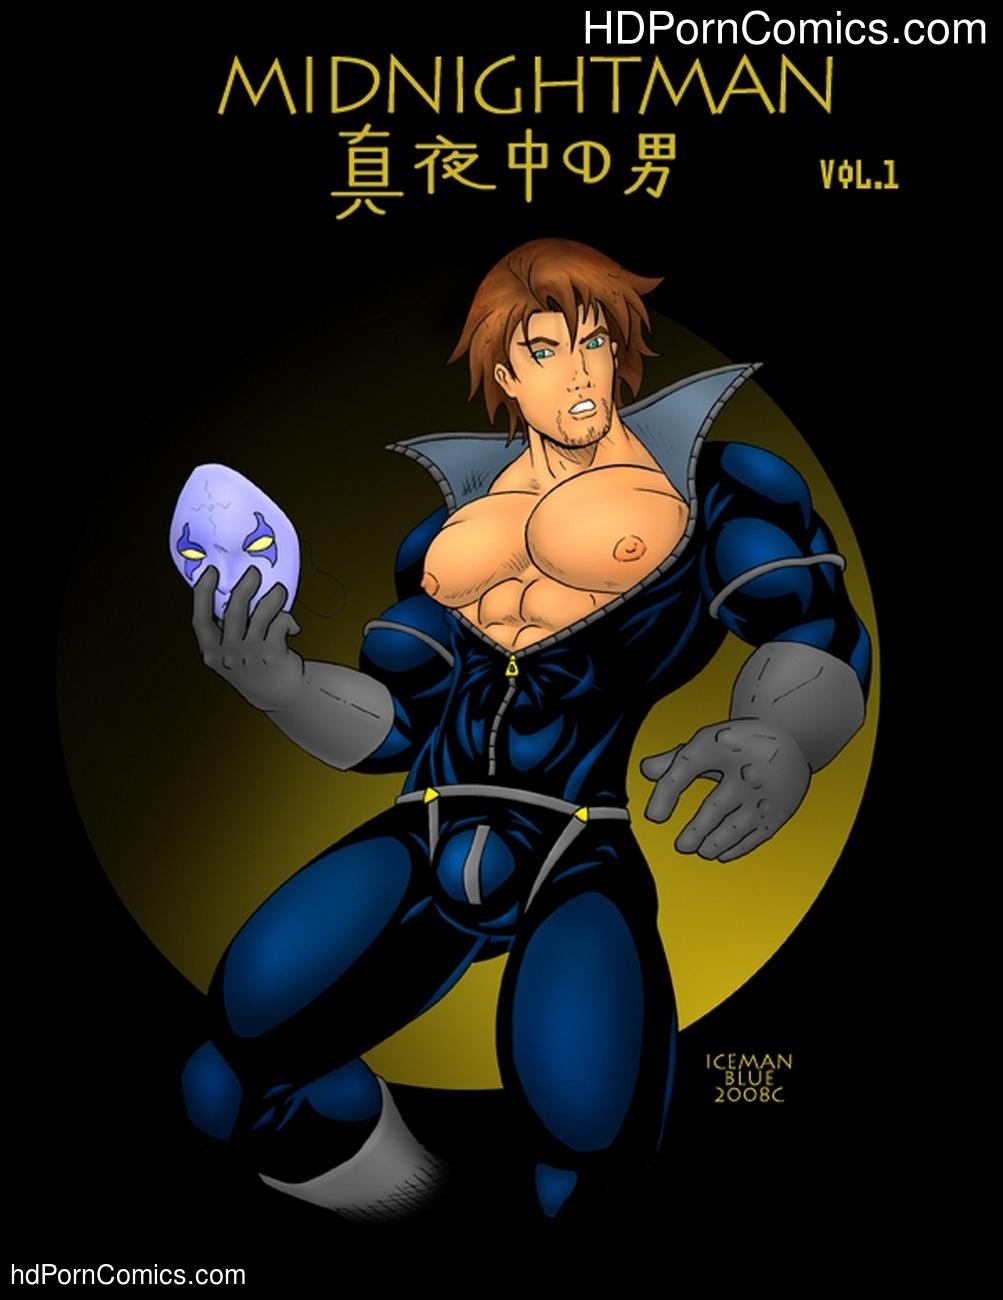 Midnightman 1 Sex Comic